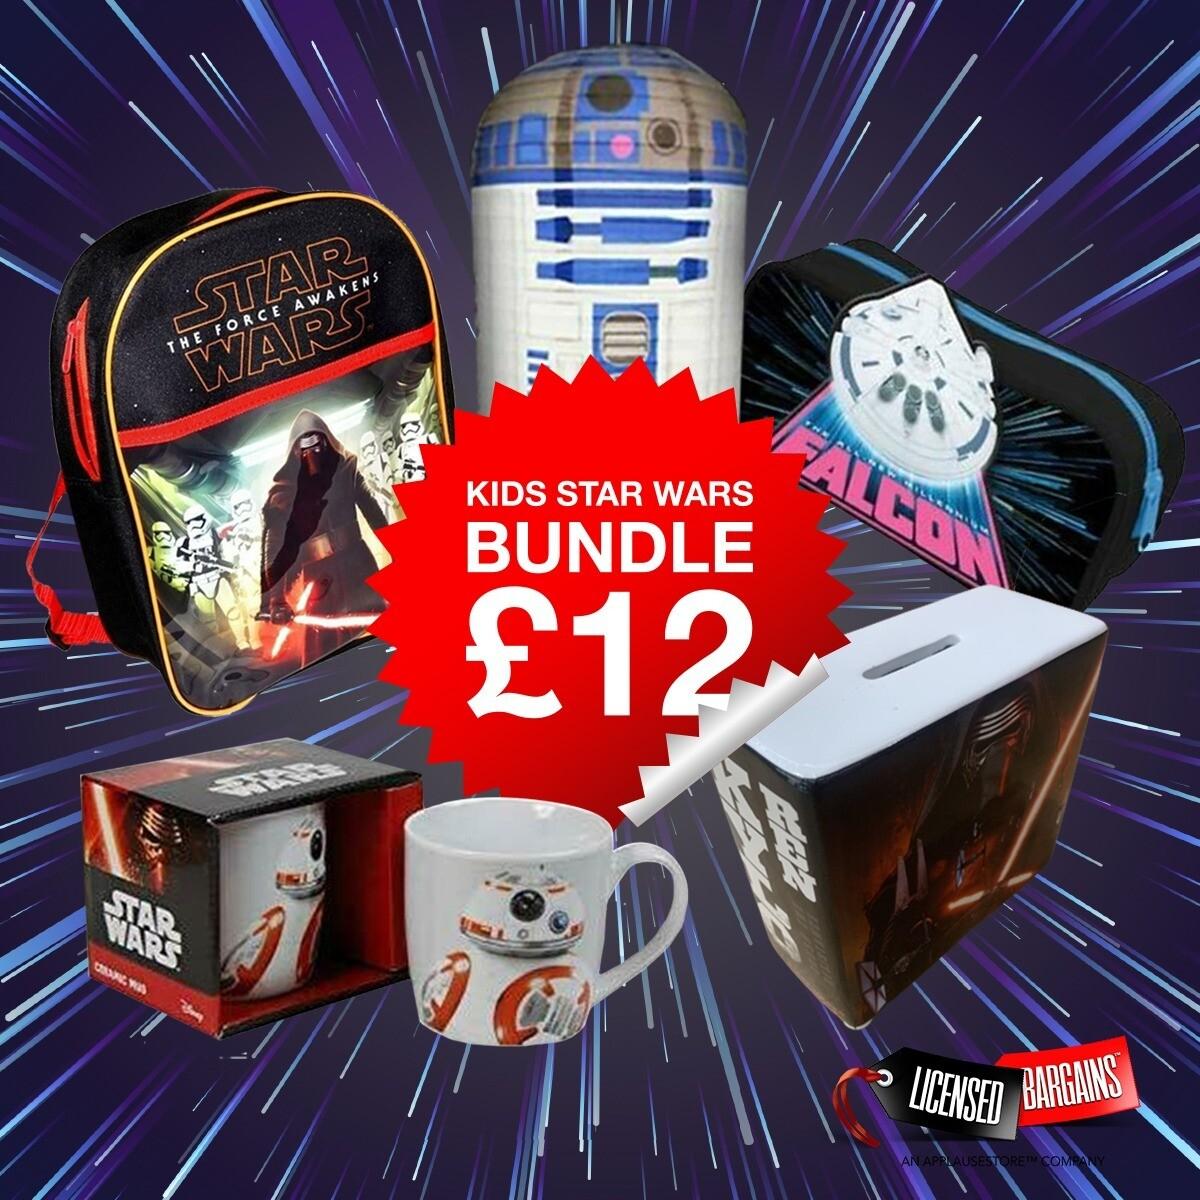 Kids' Star Wars Bundle £12 + £3.99 delivery at Licensed Bargains